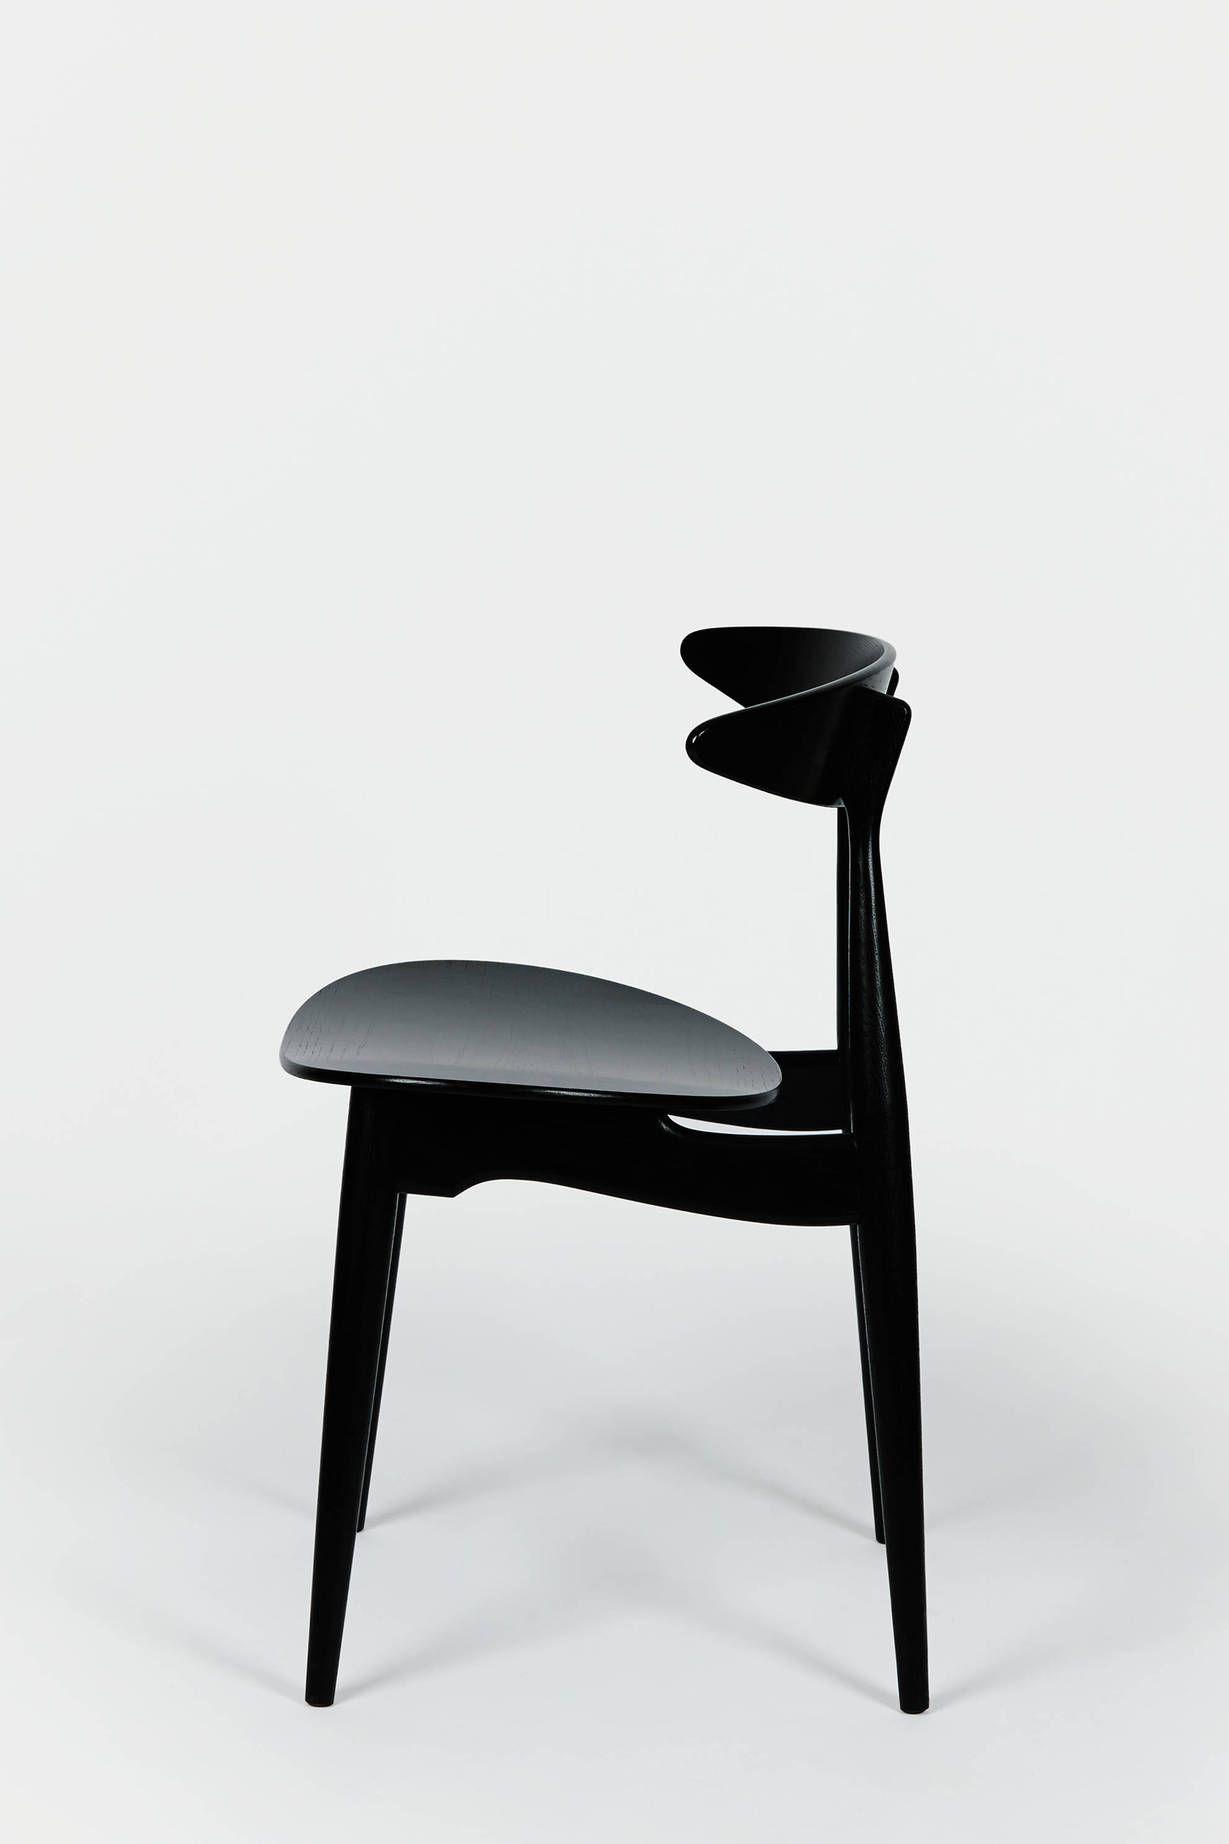 Hans wegner ch33 dining chair black oak hans wegner for Wegner dining chair